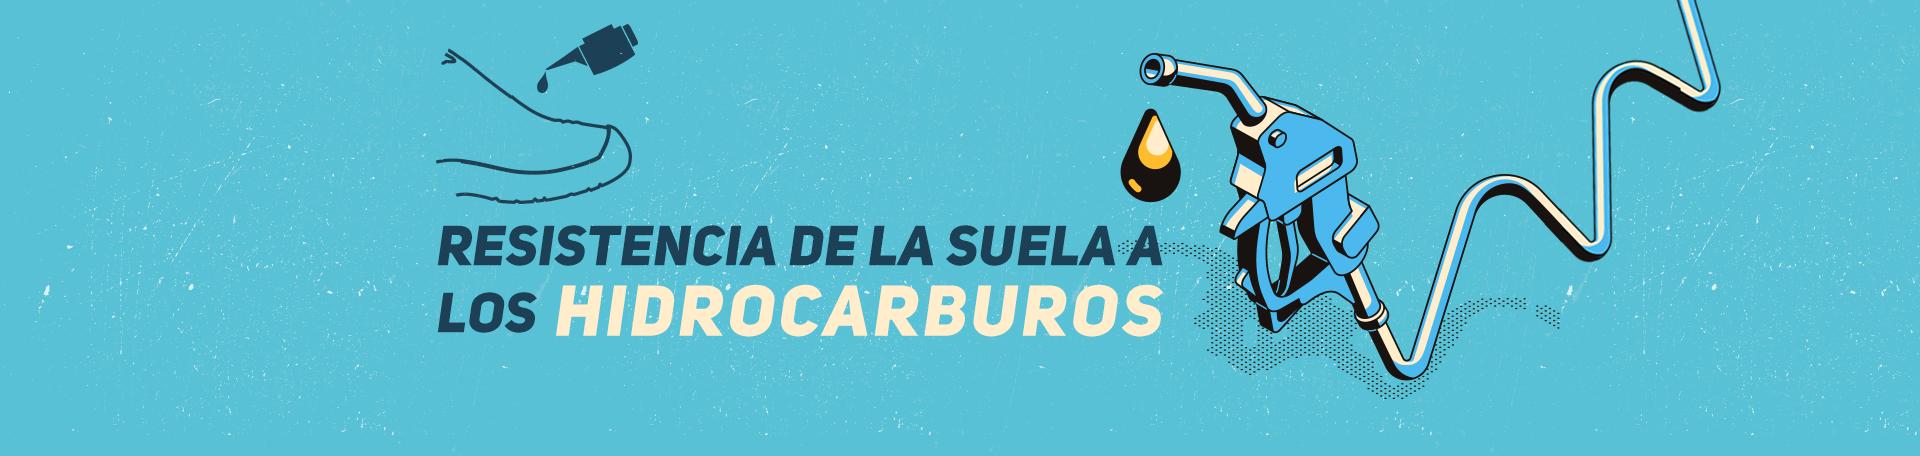 resistencia de la suela a los hidrocarburos